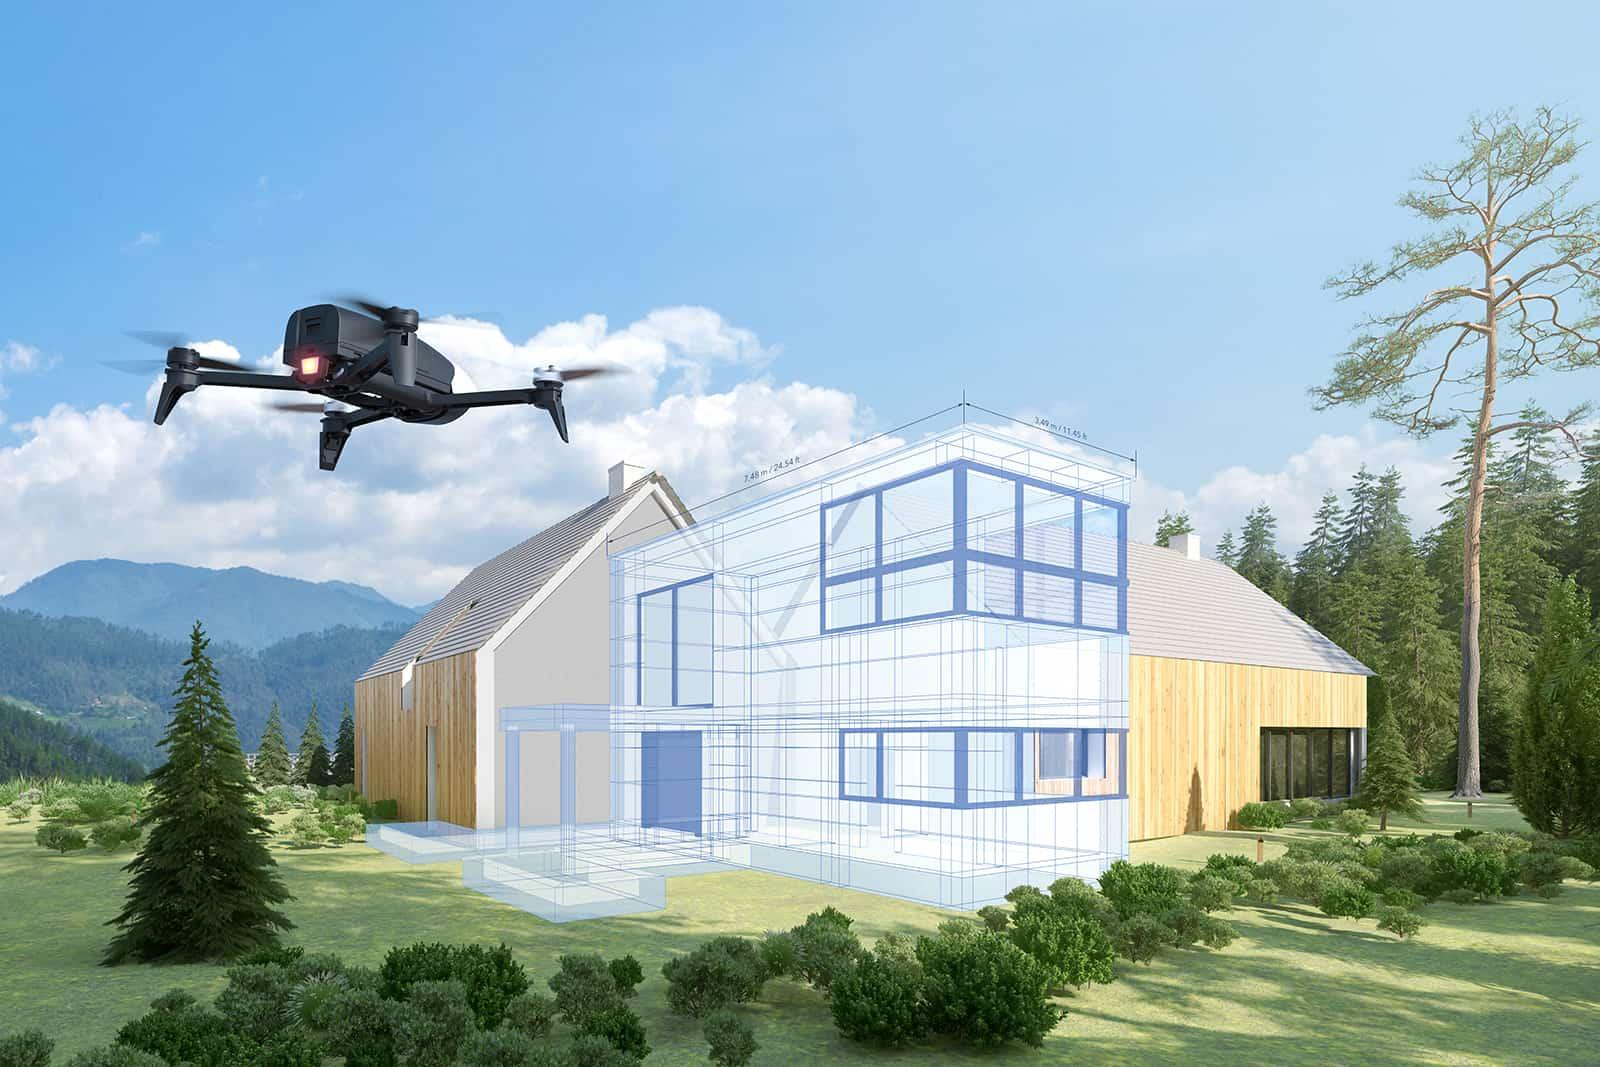 Droni per rilievi su edifici